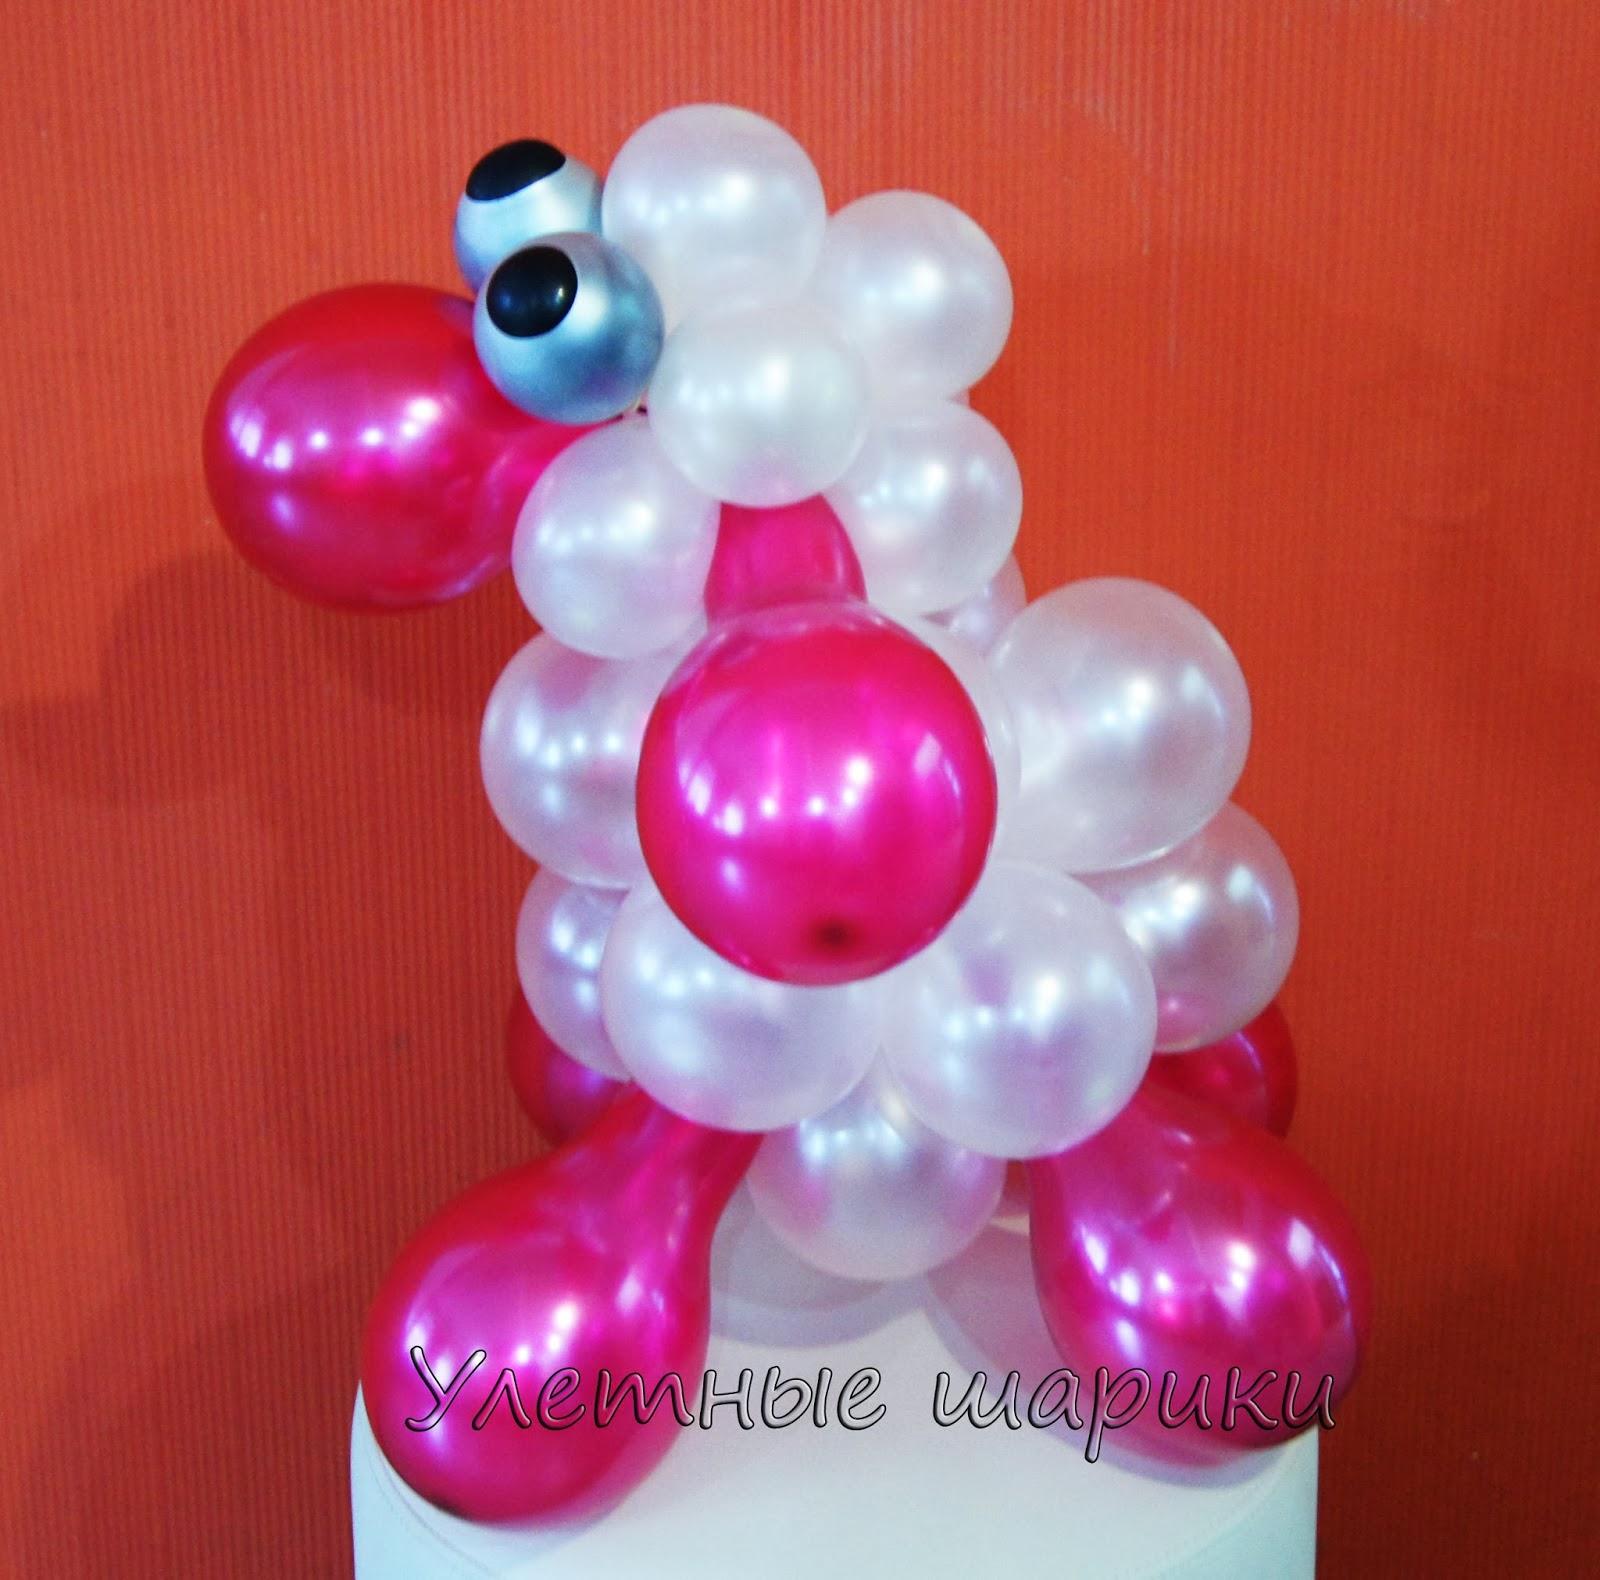 Как сделать фигуры из шаров. Фото пошагово с описанием 67